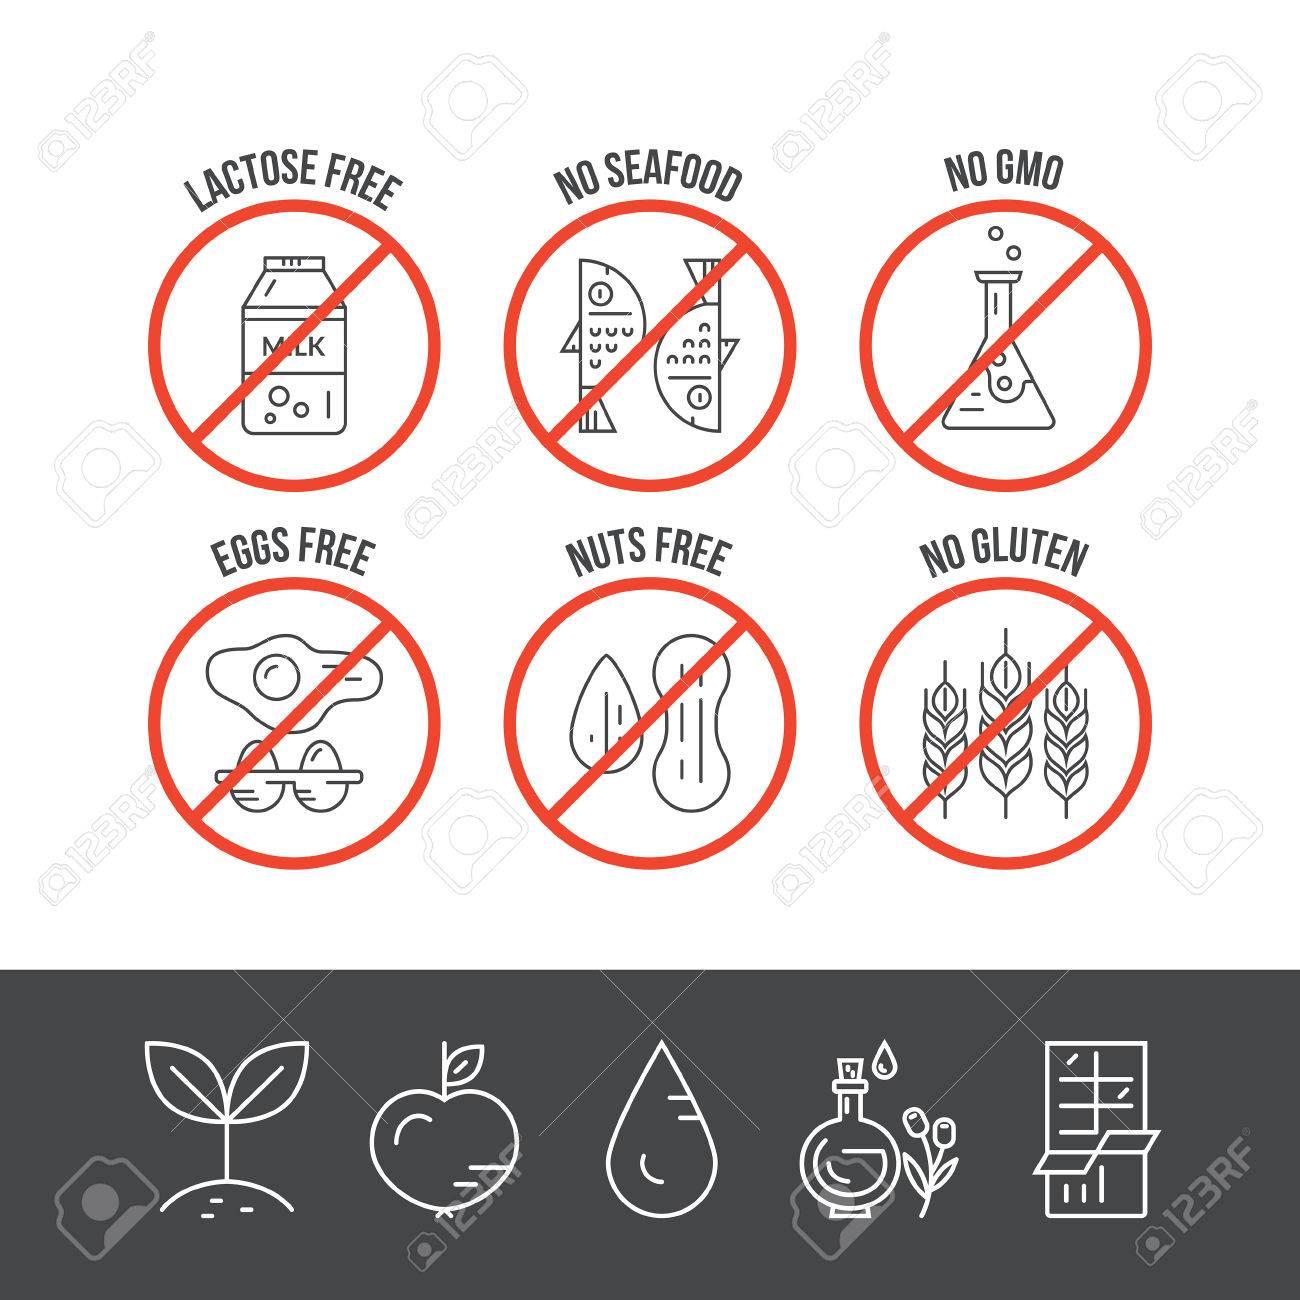 food intolerance vector icons  no seafood, no lactose, no gmo, no gluten